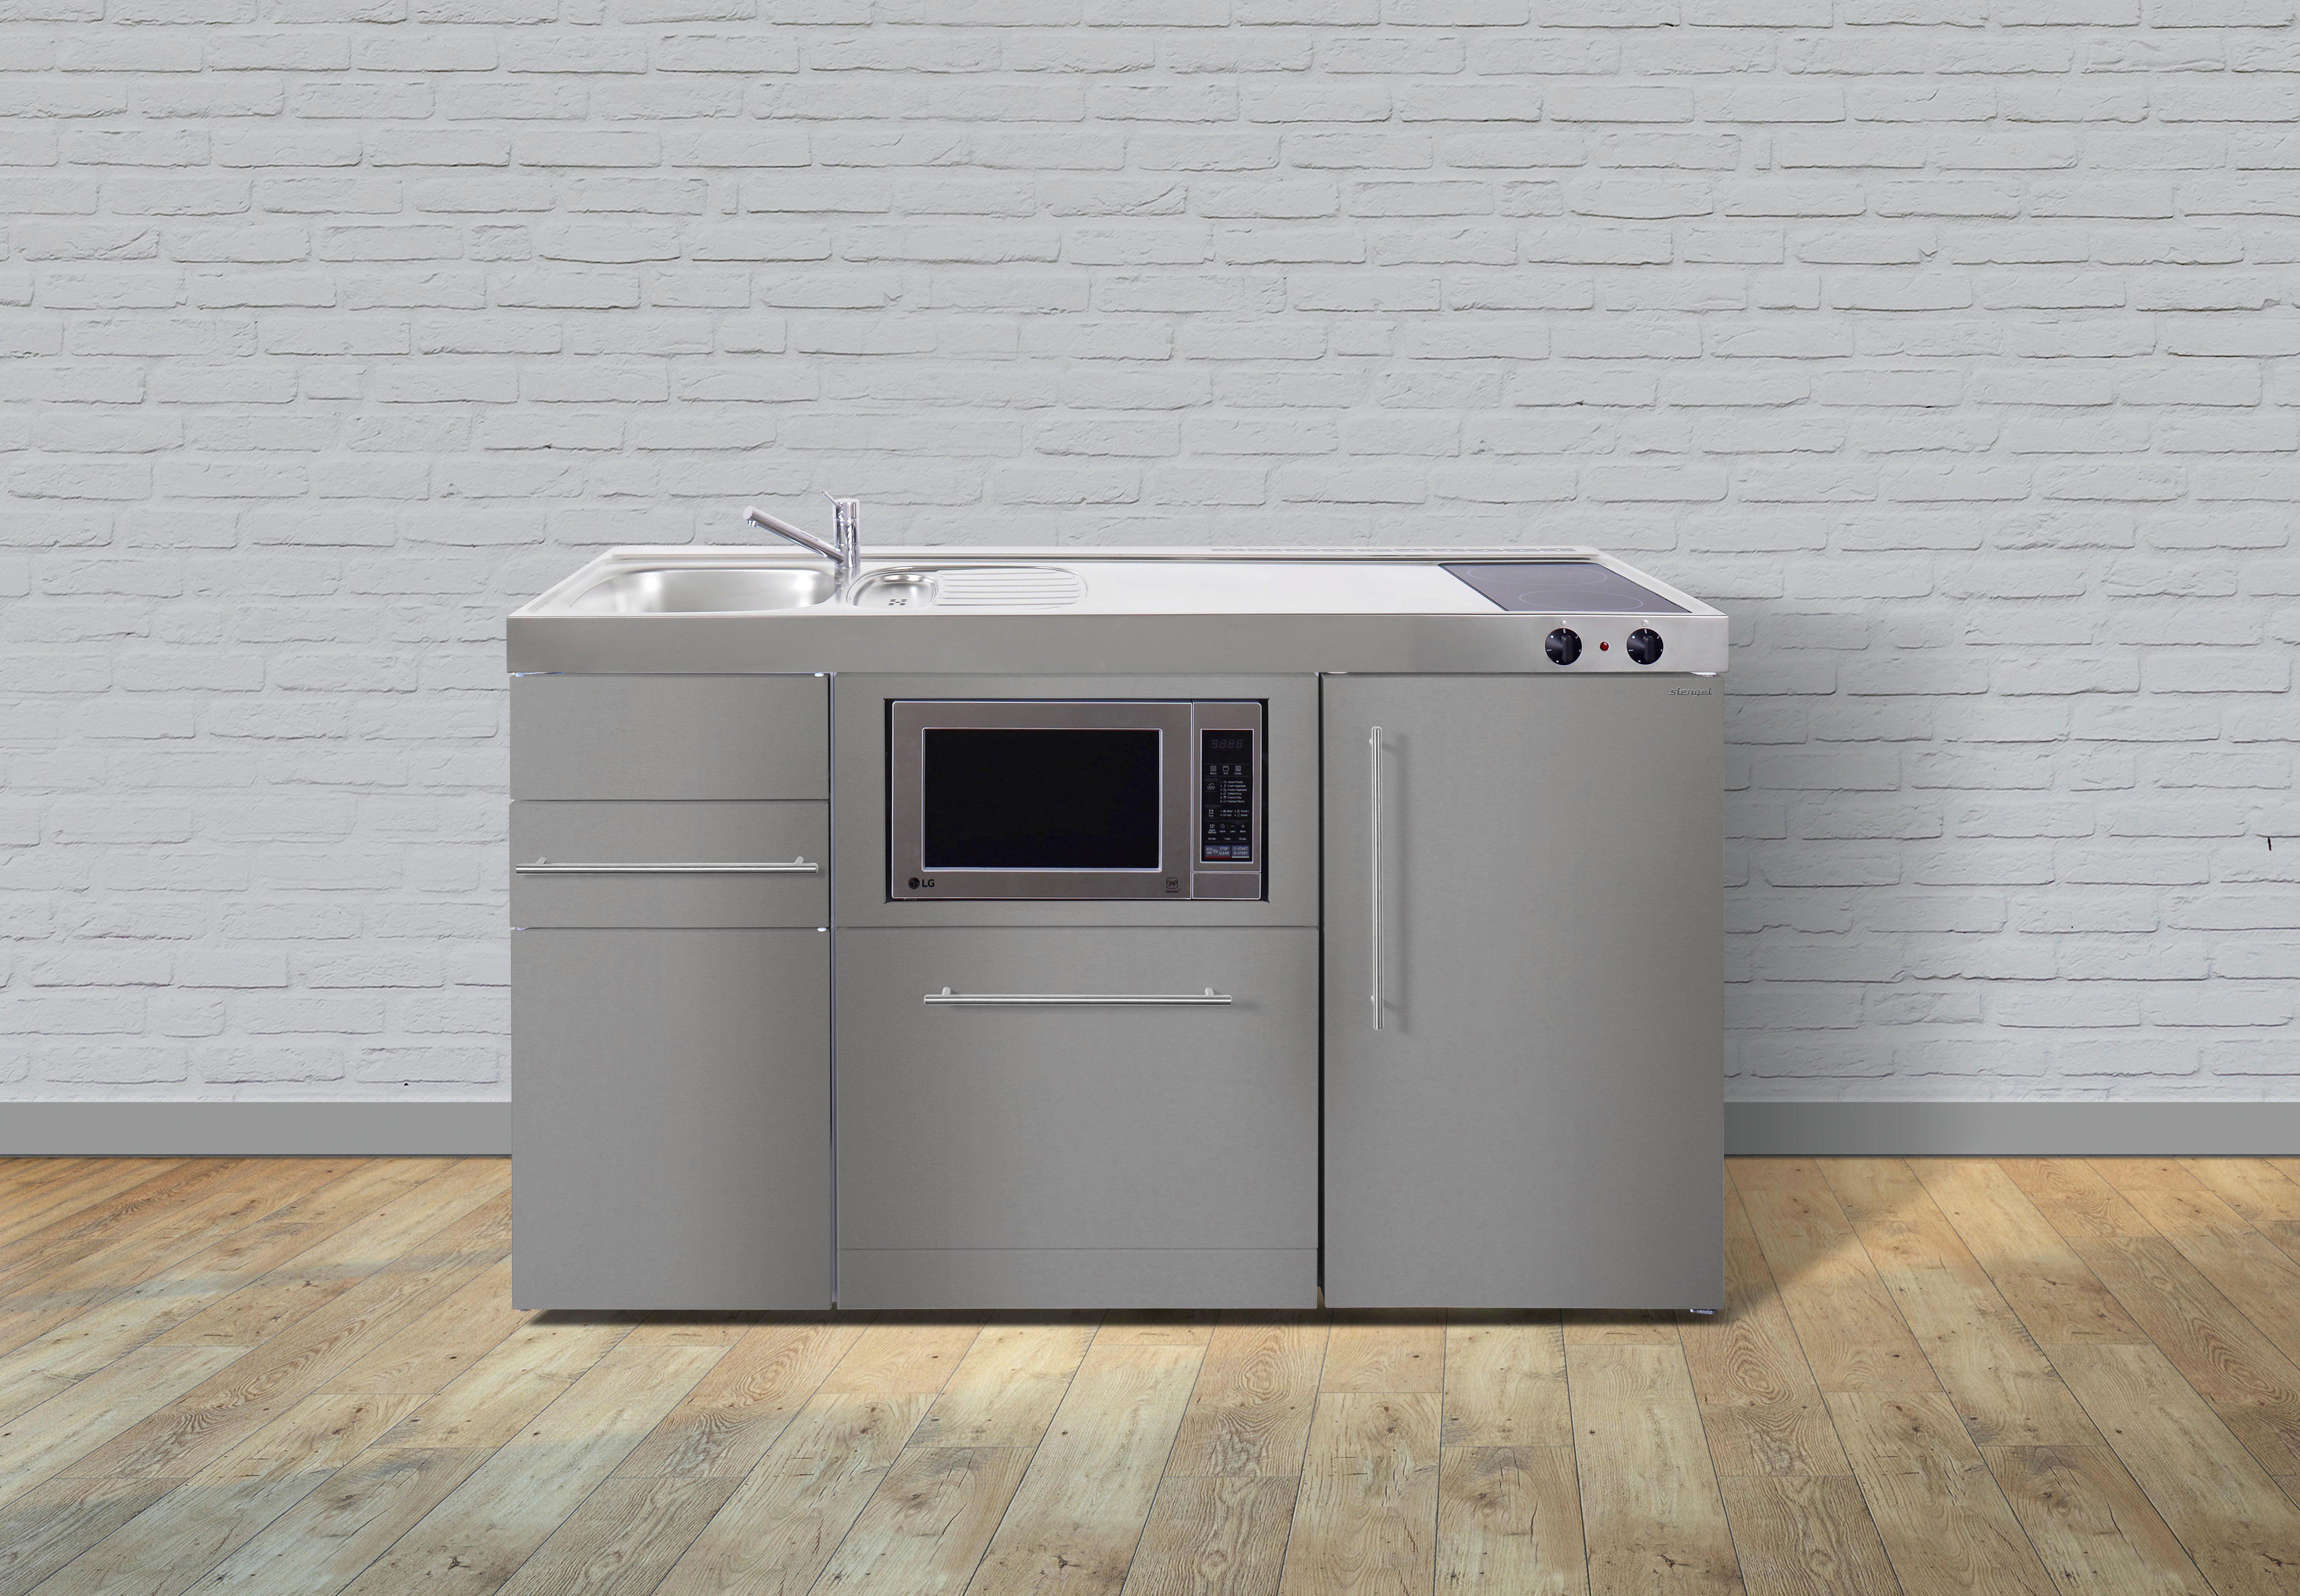 Miniküche 1 M Mit Kühlschrank : Miniküche soft close system spüle online kaufen ➤ xxxlutz